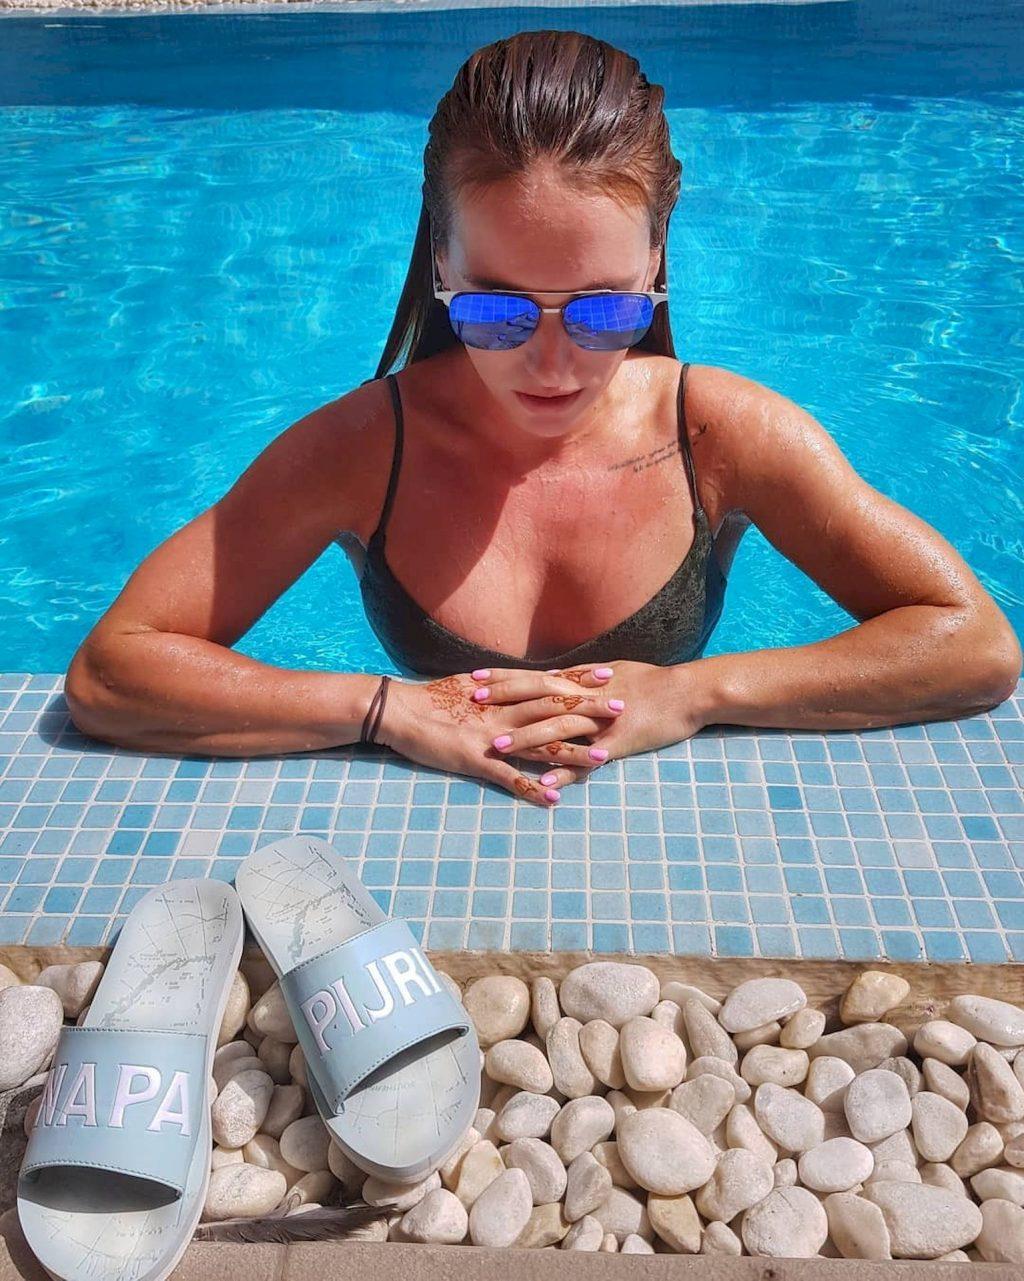 Paulína Fialková Sexy (34 Photos)